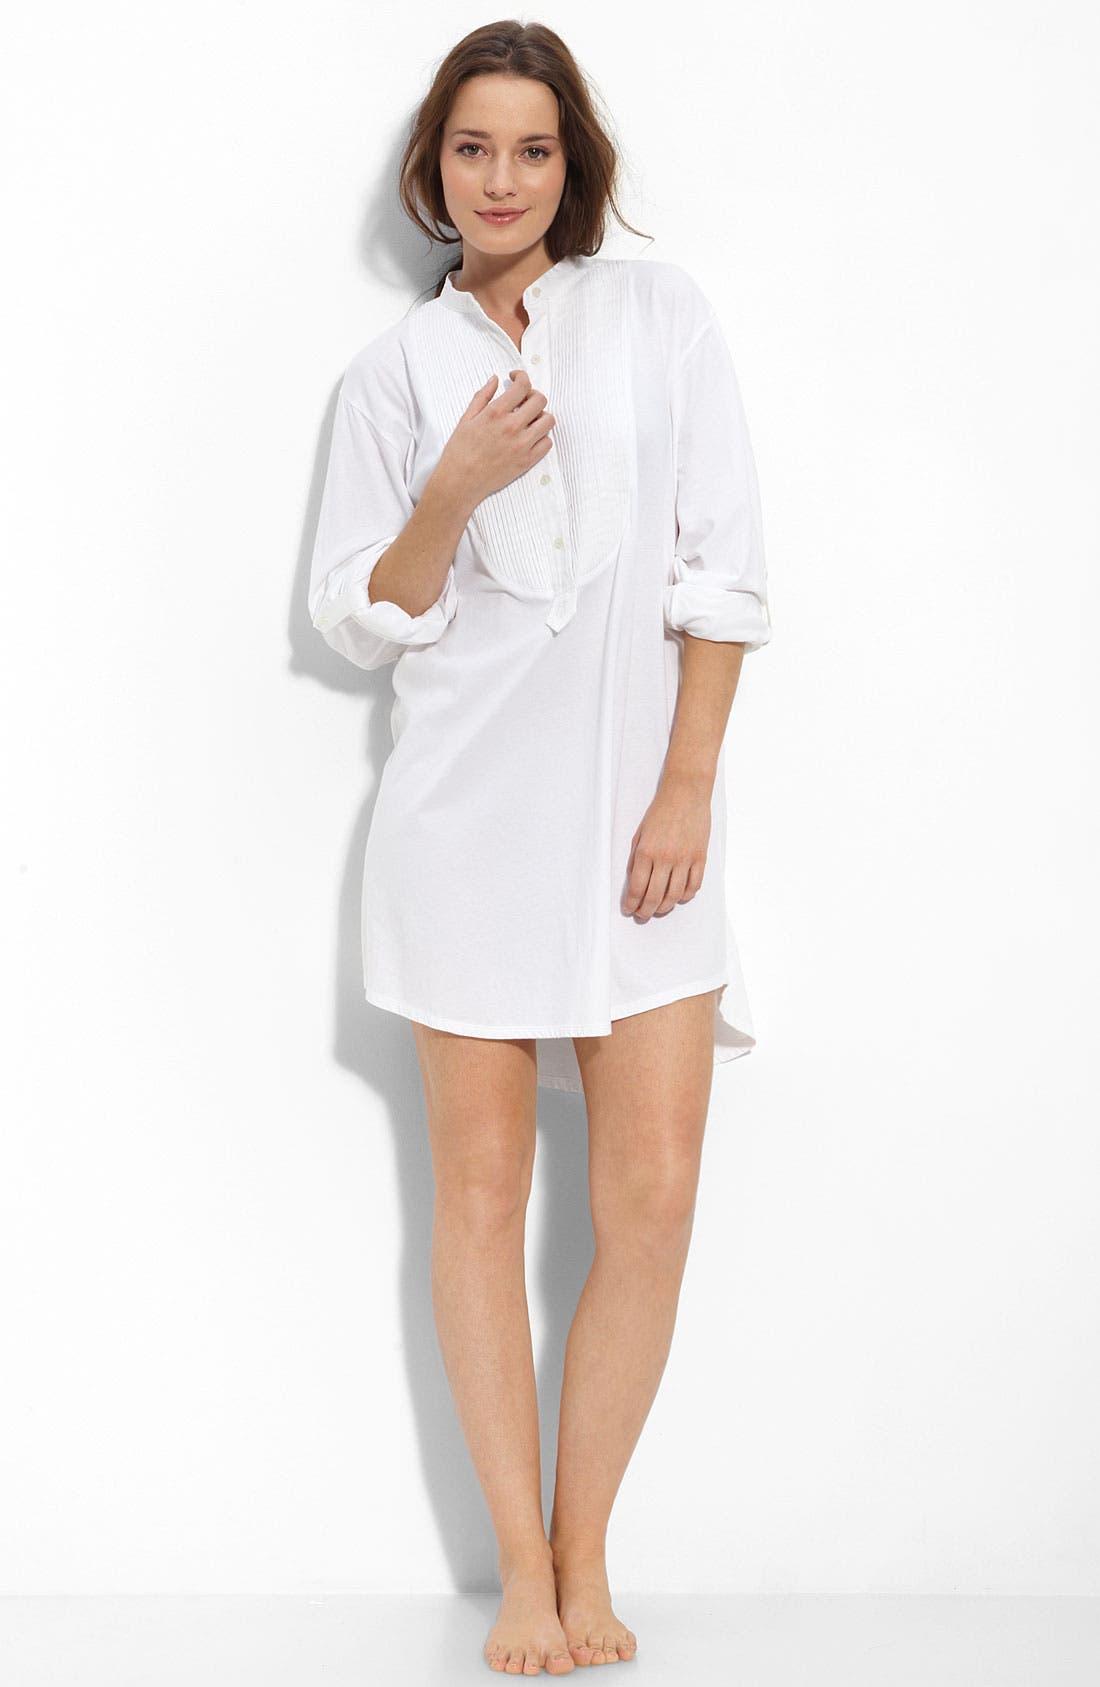 Main Image - Lauren Intimates 'Grandfather' Tuxedo Bib Sleep Shirt